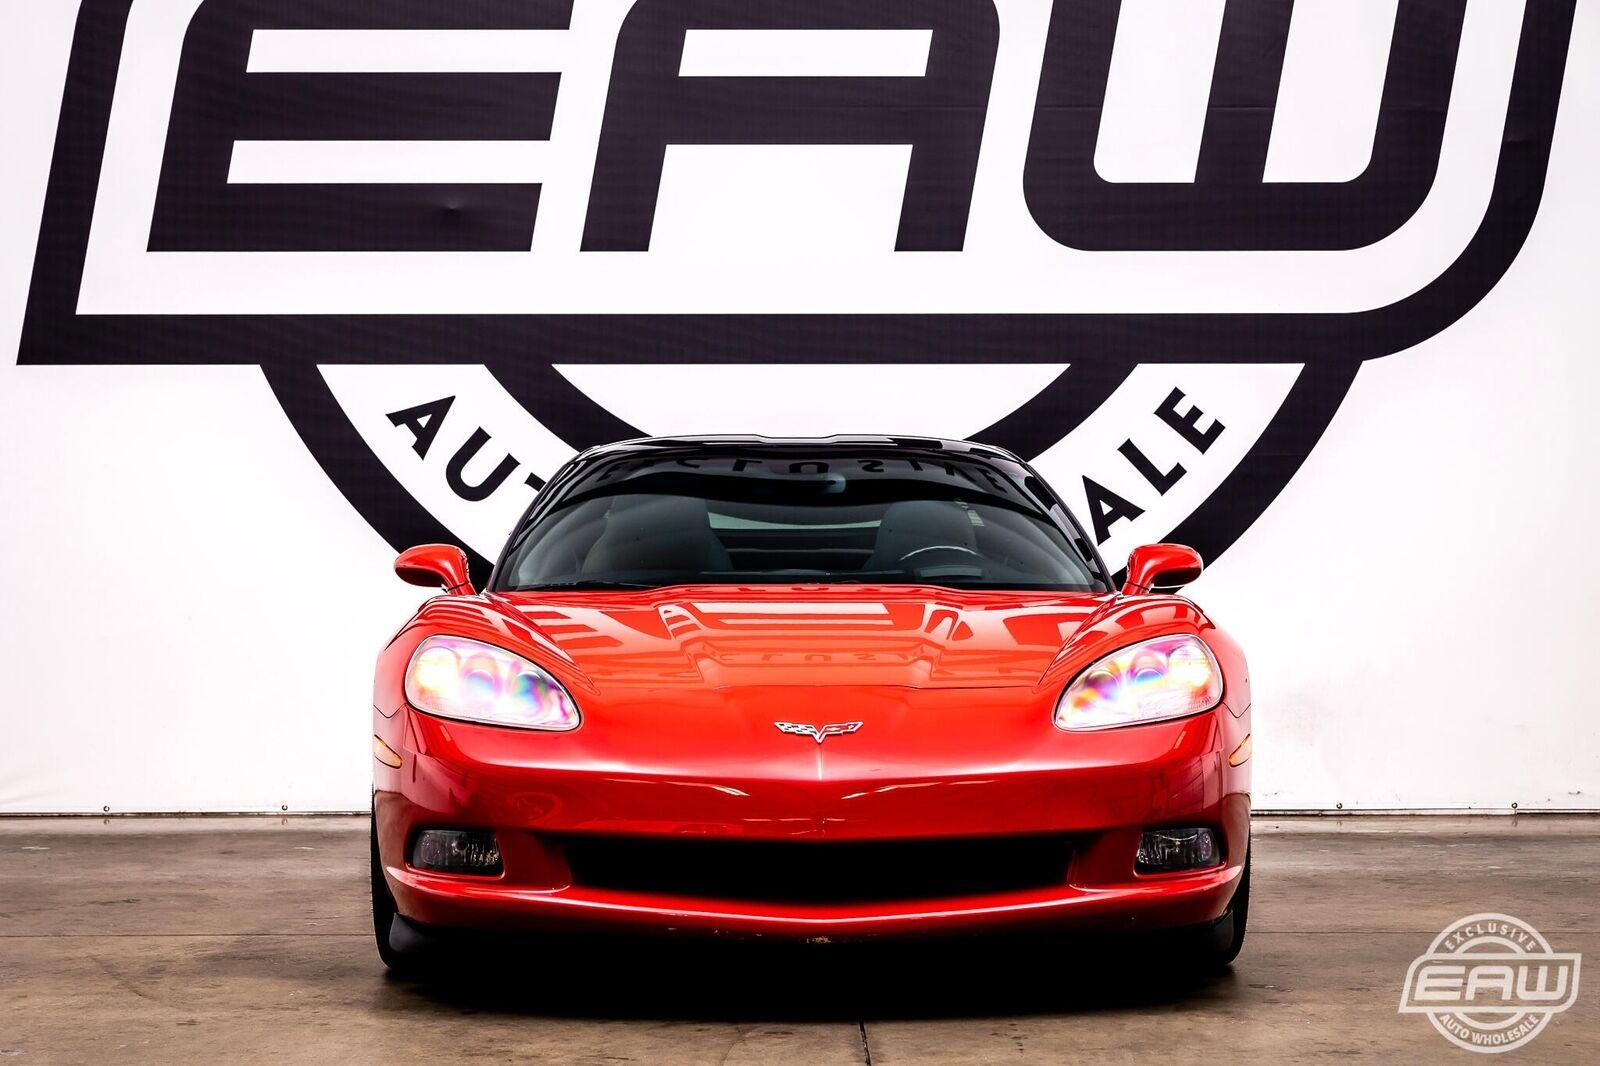 2005 Red Chevrolet Corvette Coupe  | C6 Corvette Photo 3